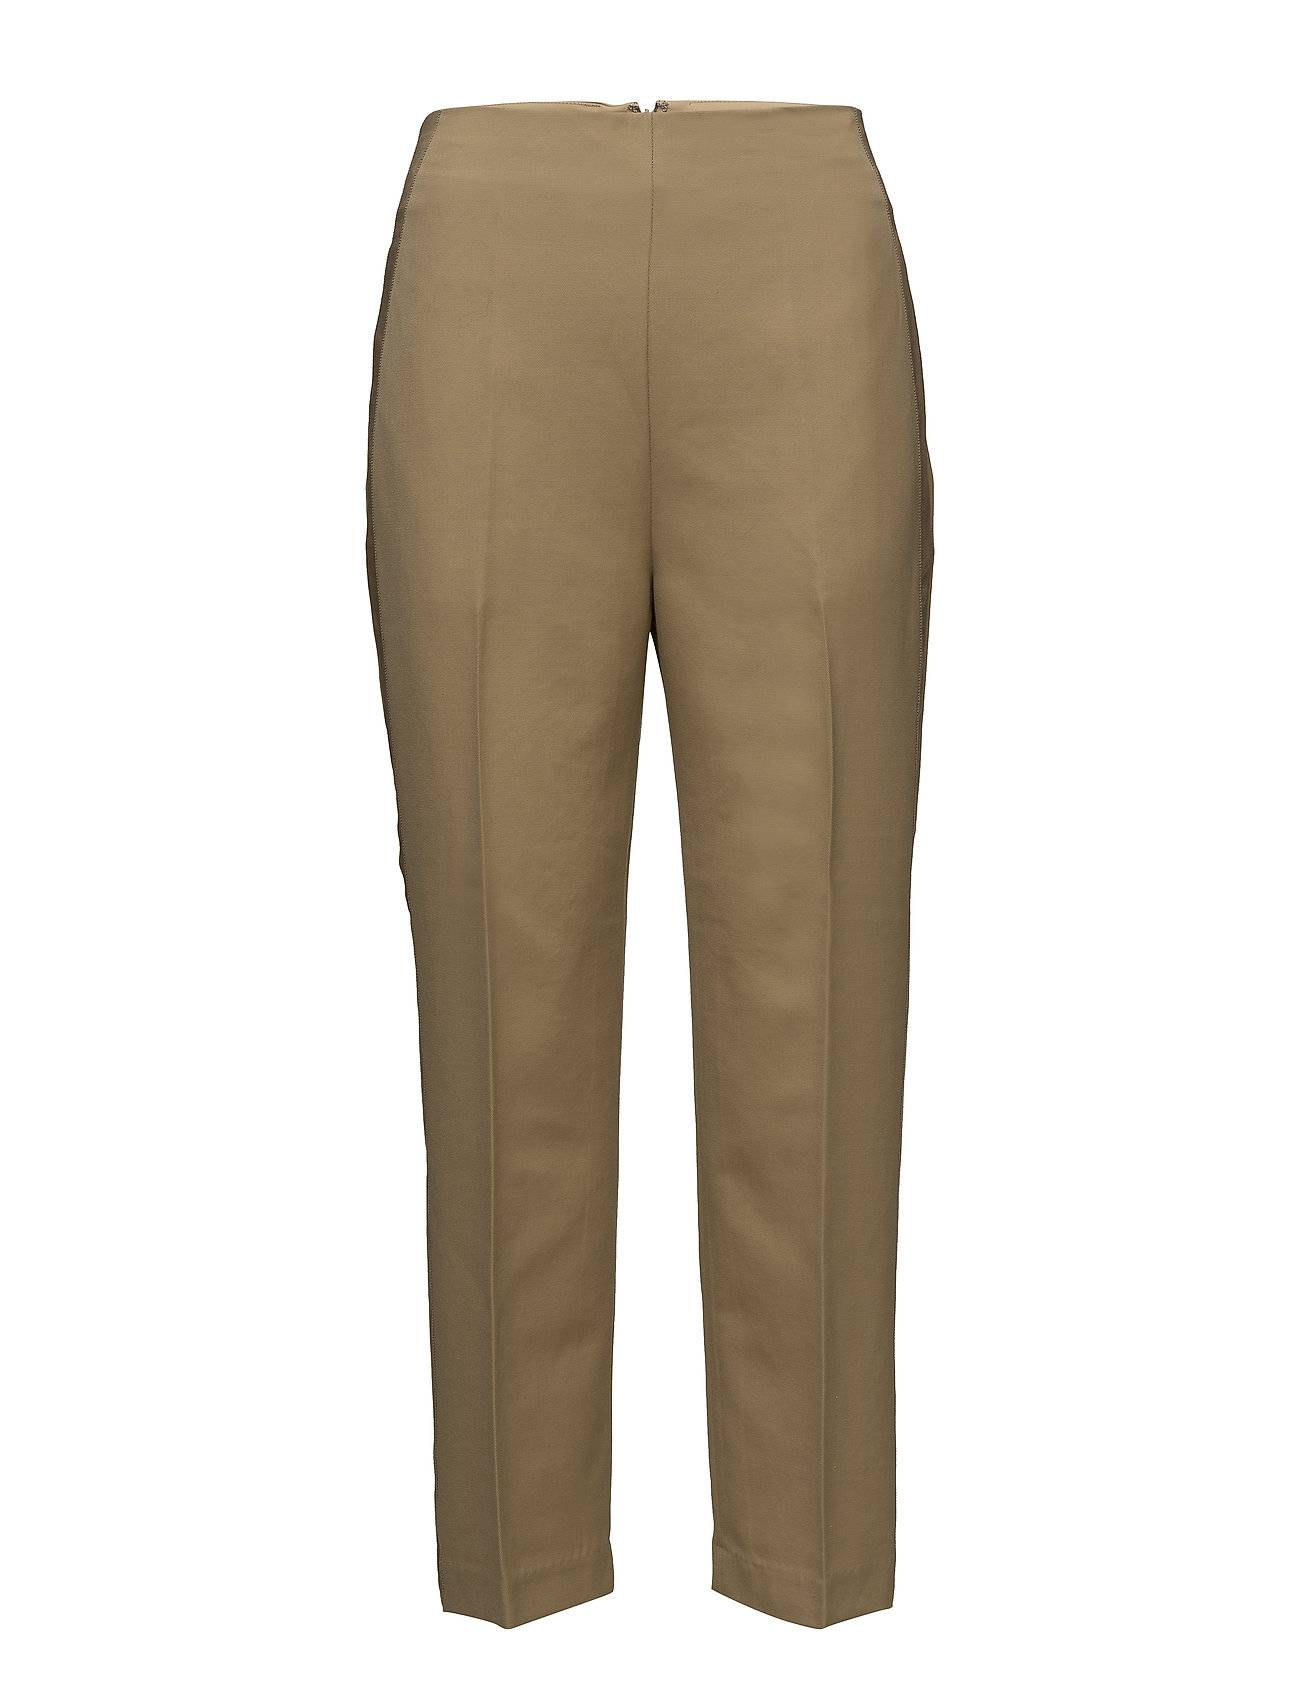 3.1 Phillip Lim Tailored Pant W Grosgrain Trim